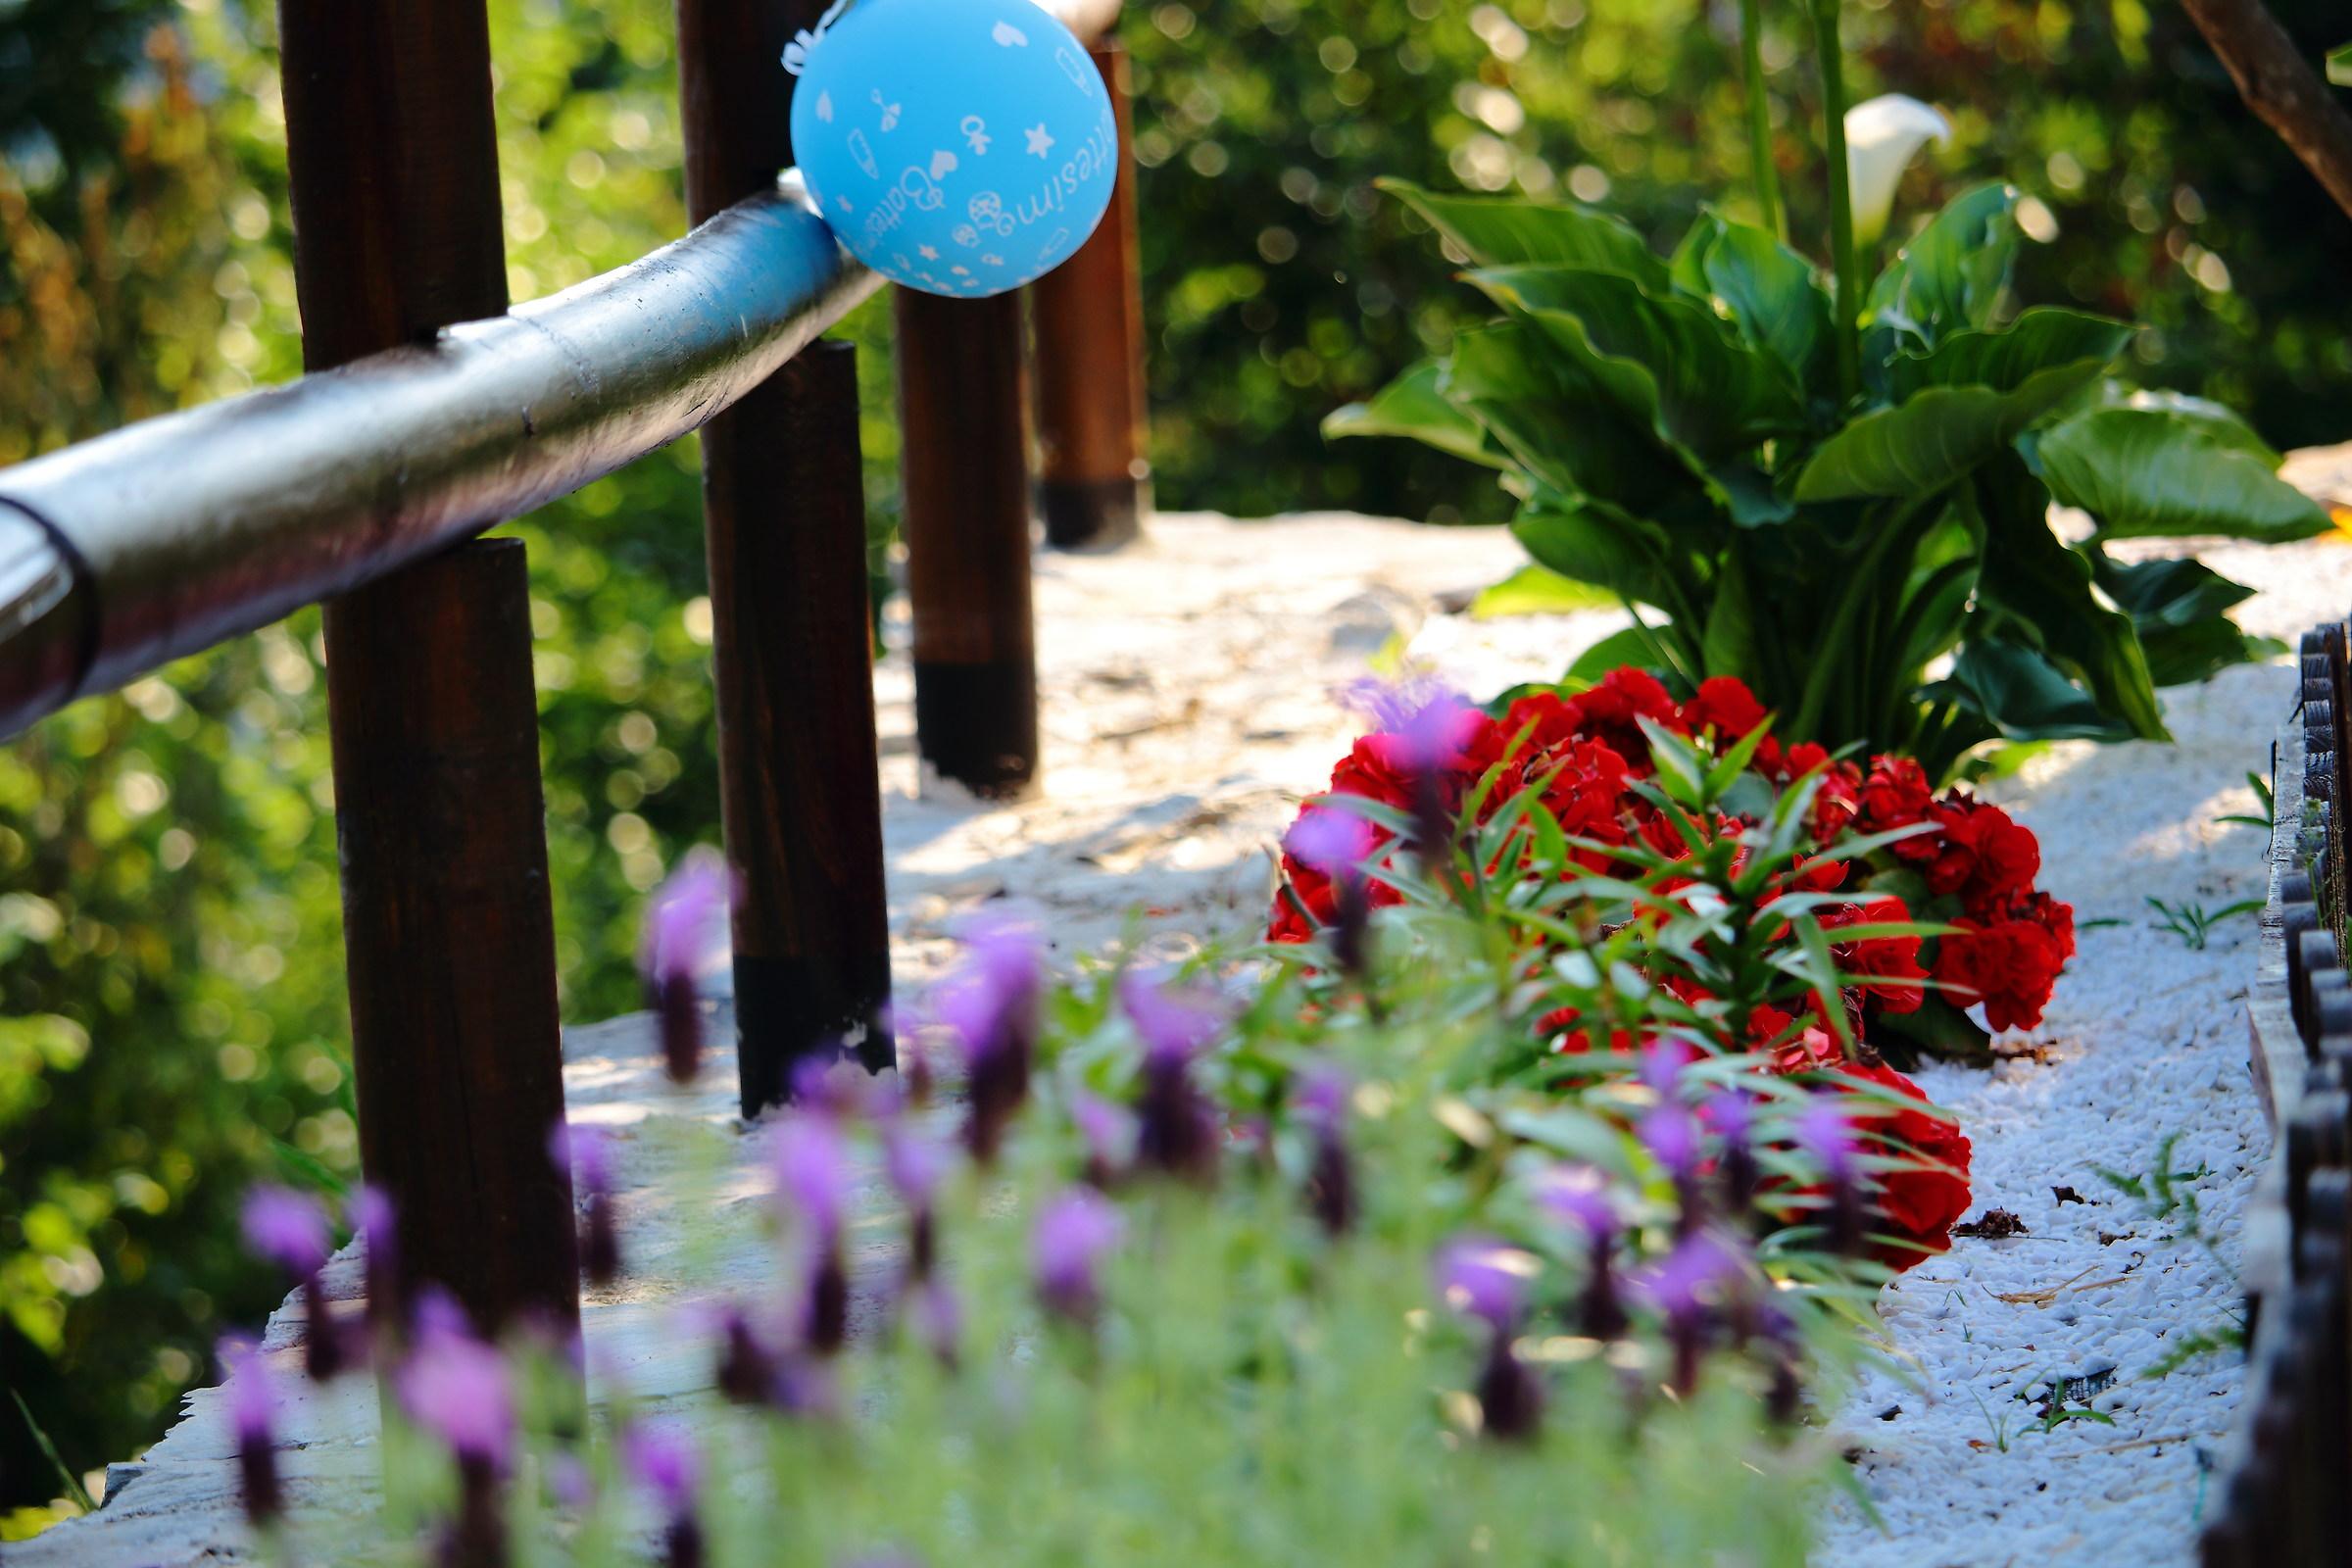 Exercise of focus in the garden zen...